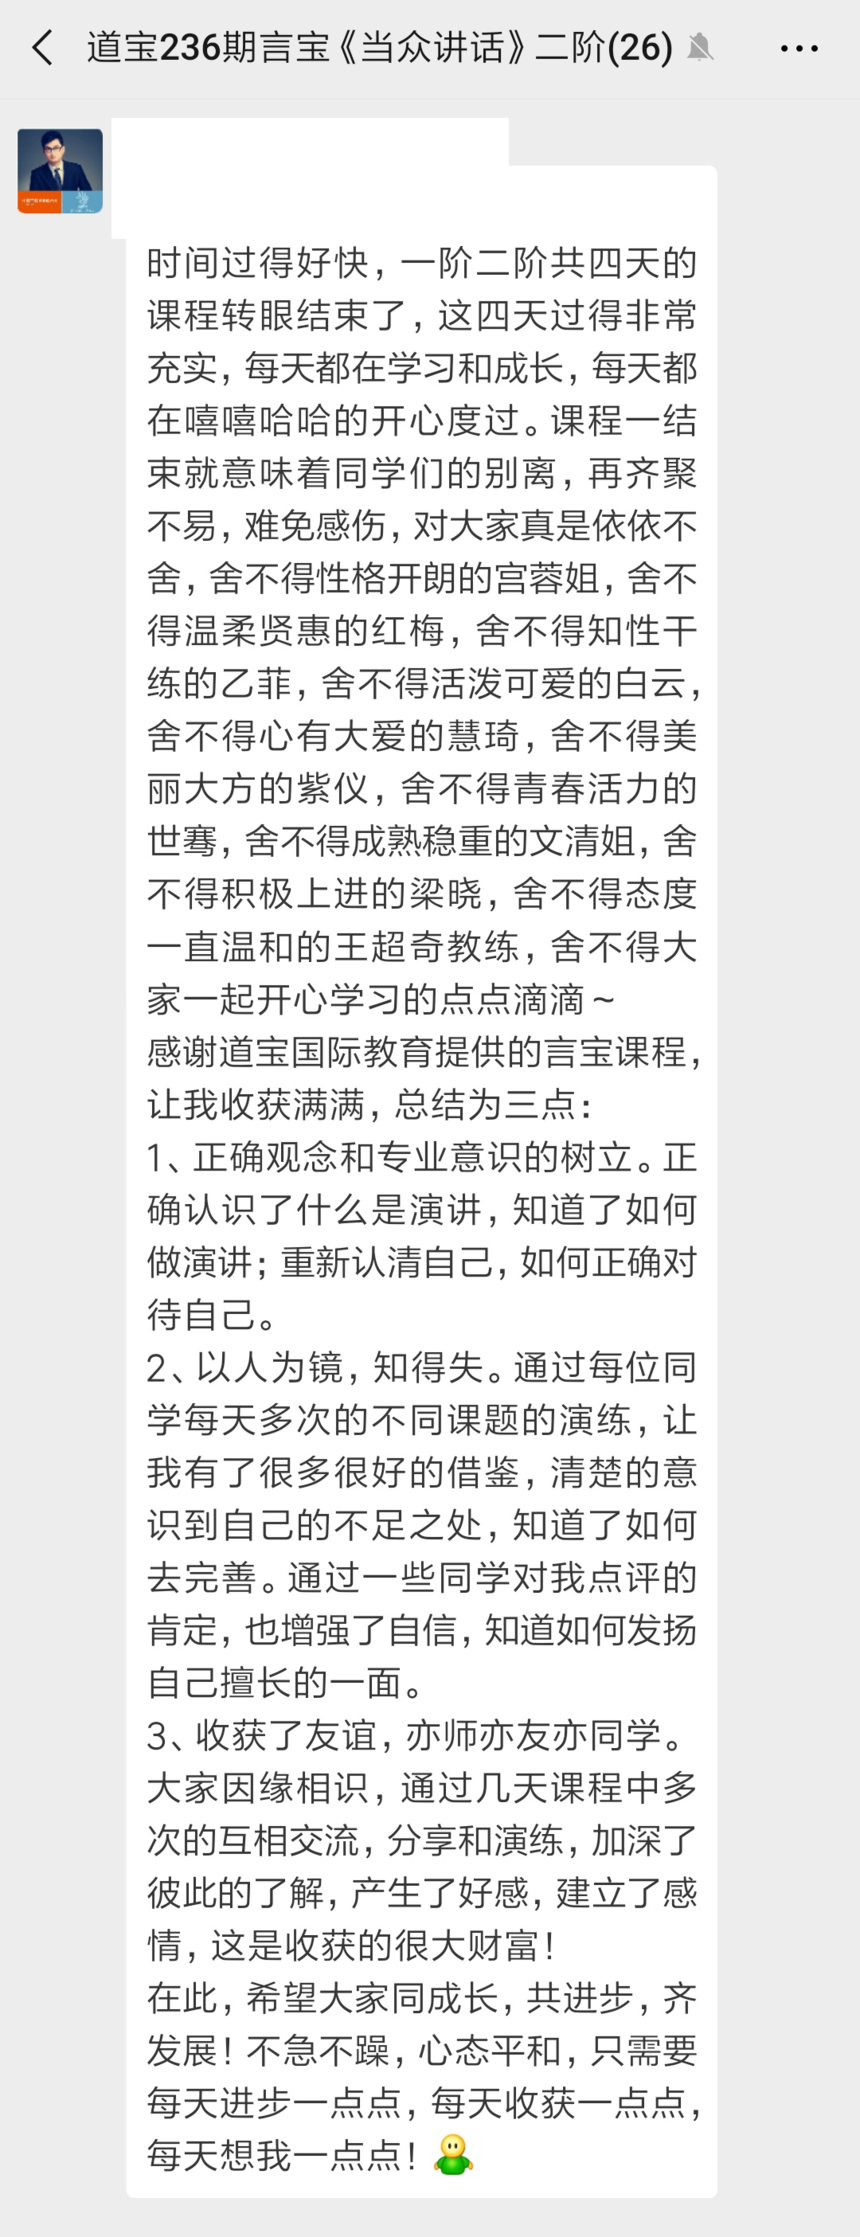 Screenshot_2019-05-22-14-40-33-164_com.tencent.mm.png